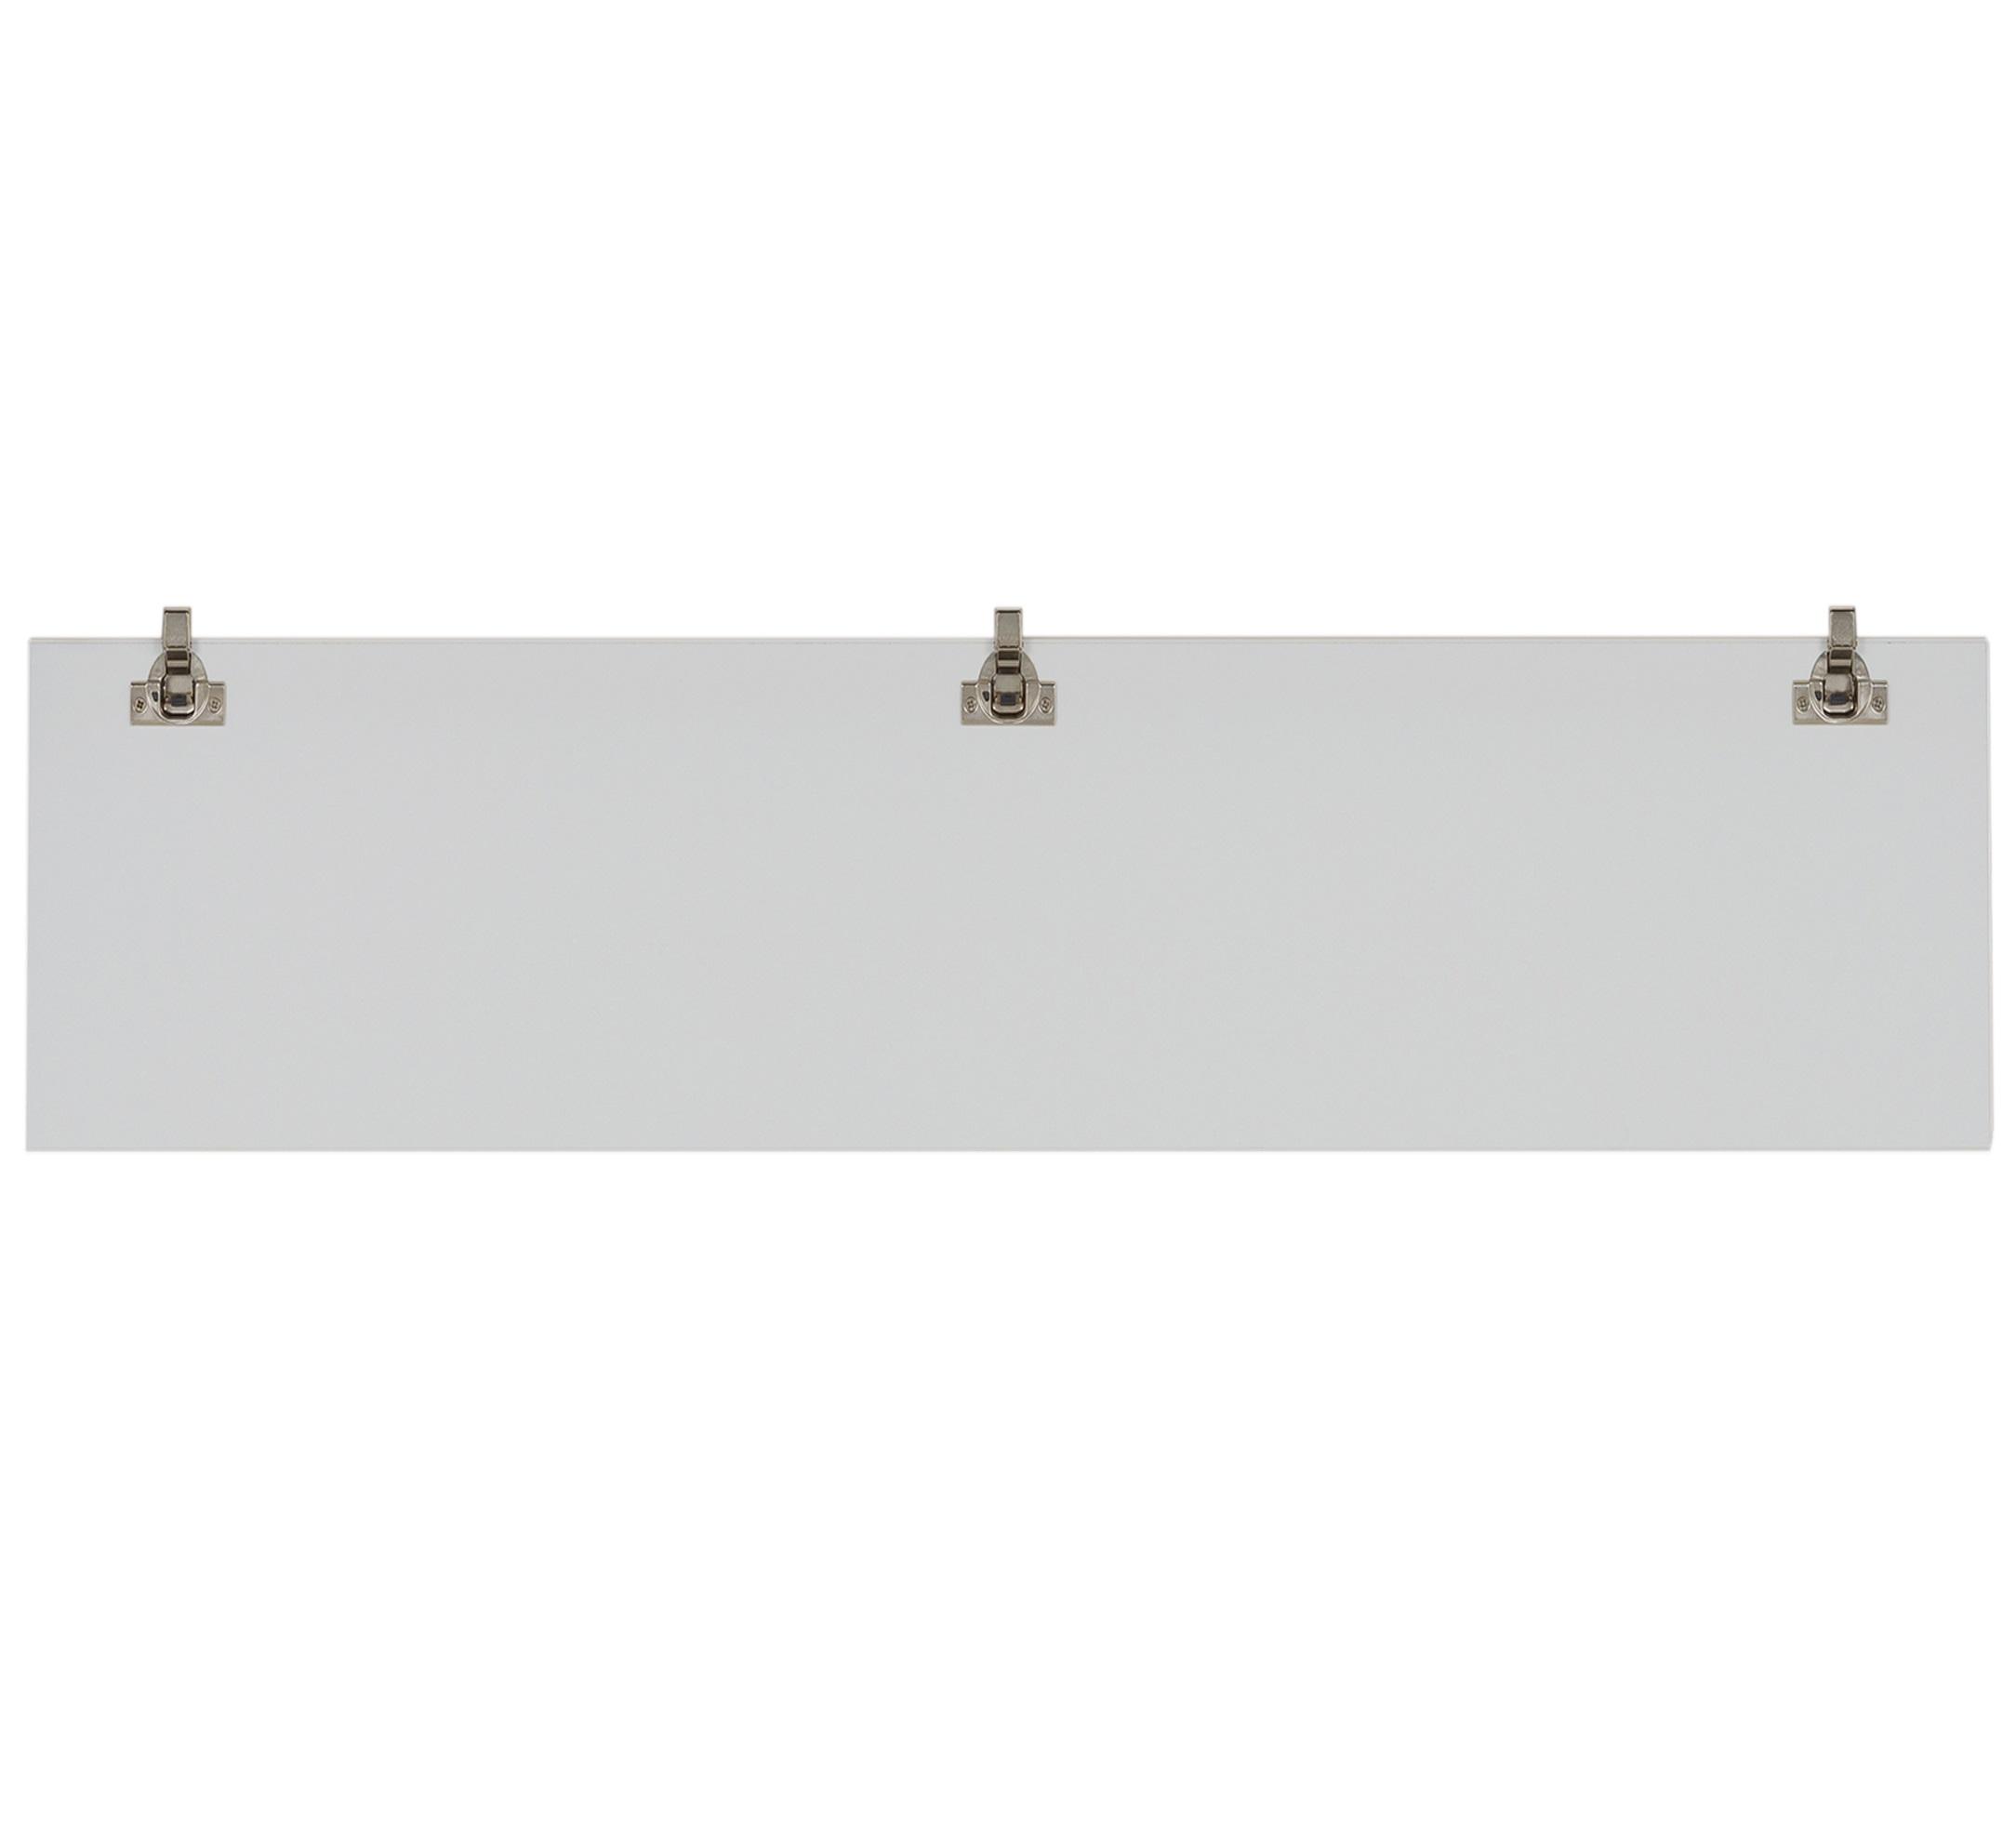 VOILE DE FOND POUR TABLE MOBILE 120CM